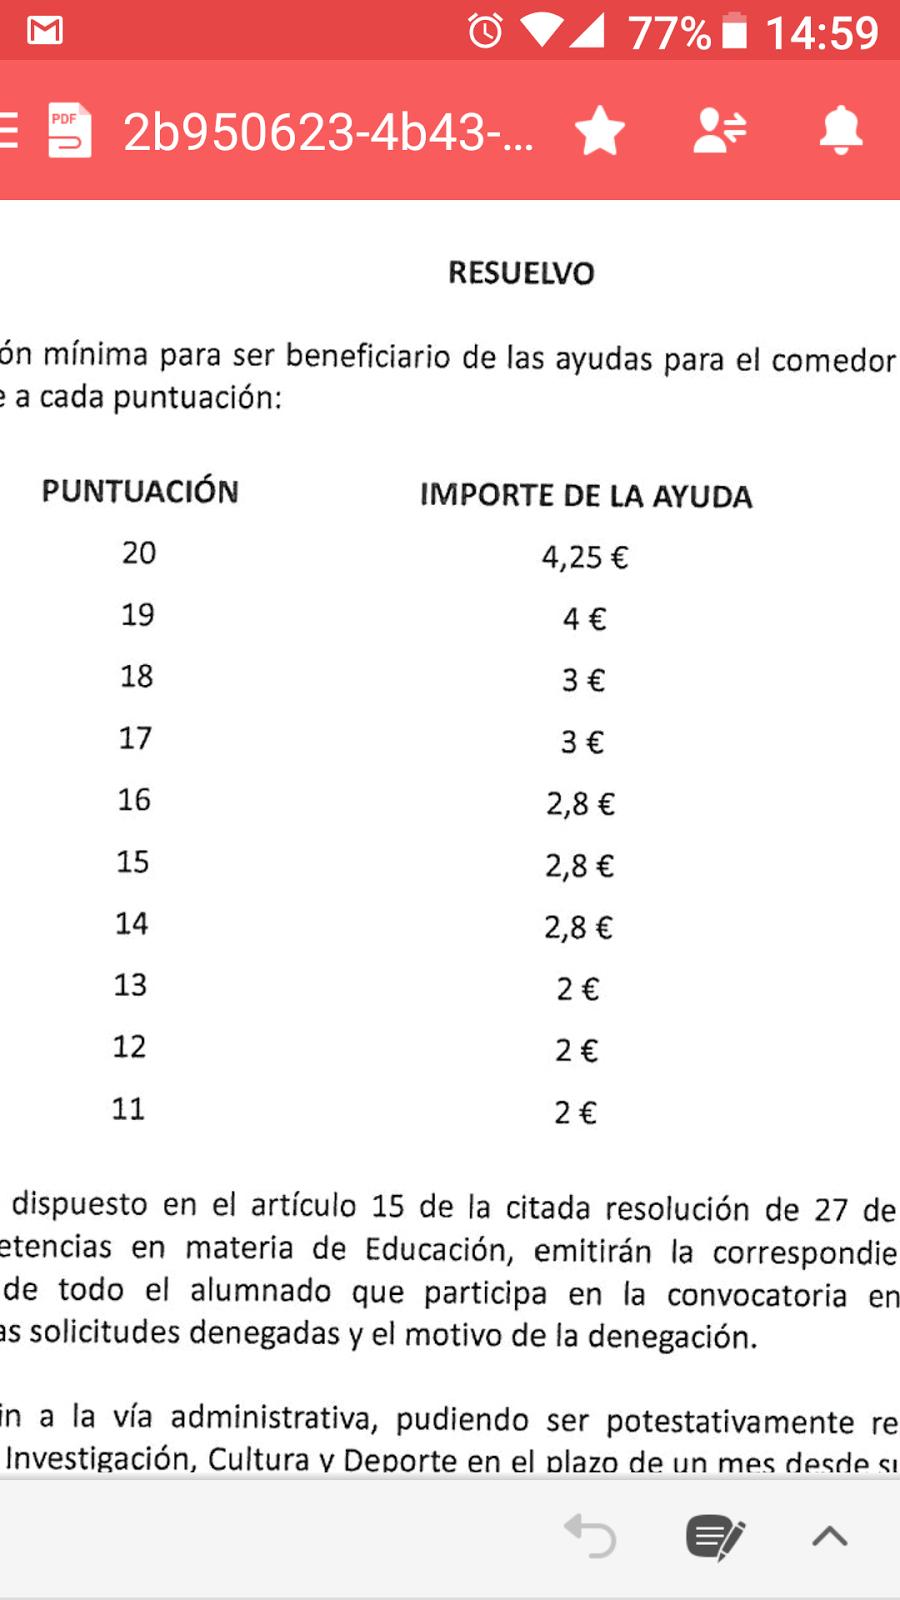 TE PUEDE SERVIR :): BECAS COMEDOR 2016-2017, PUNTUACIÓN